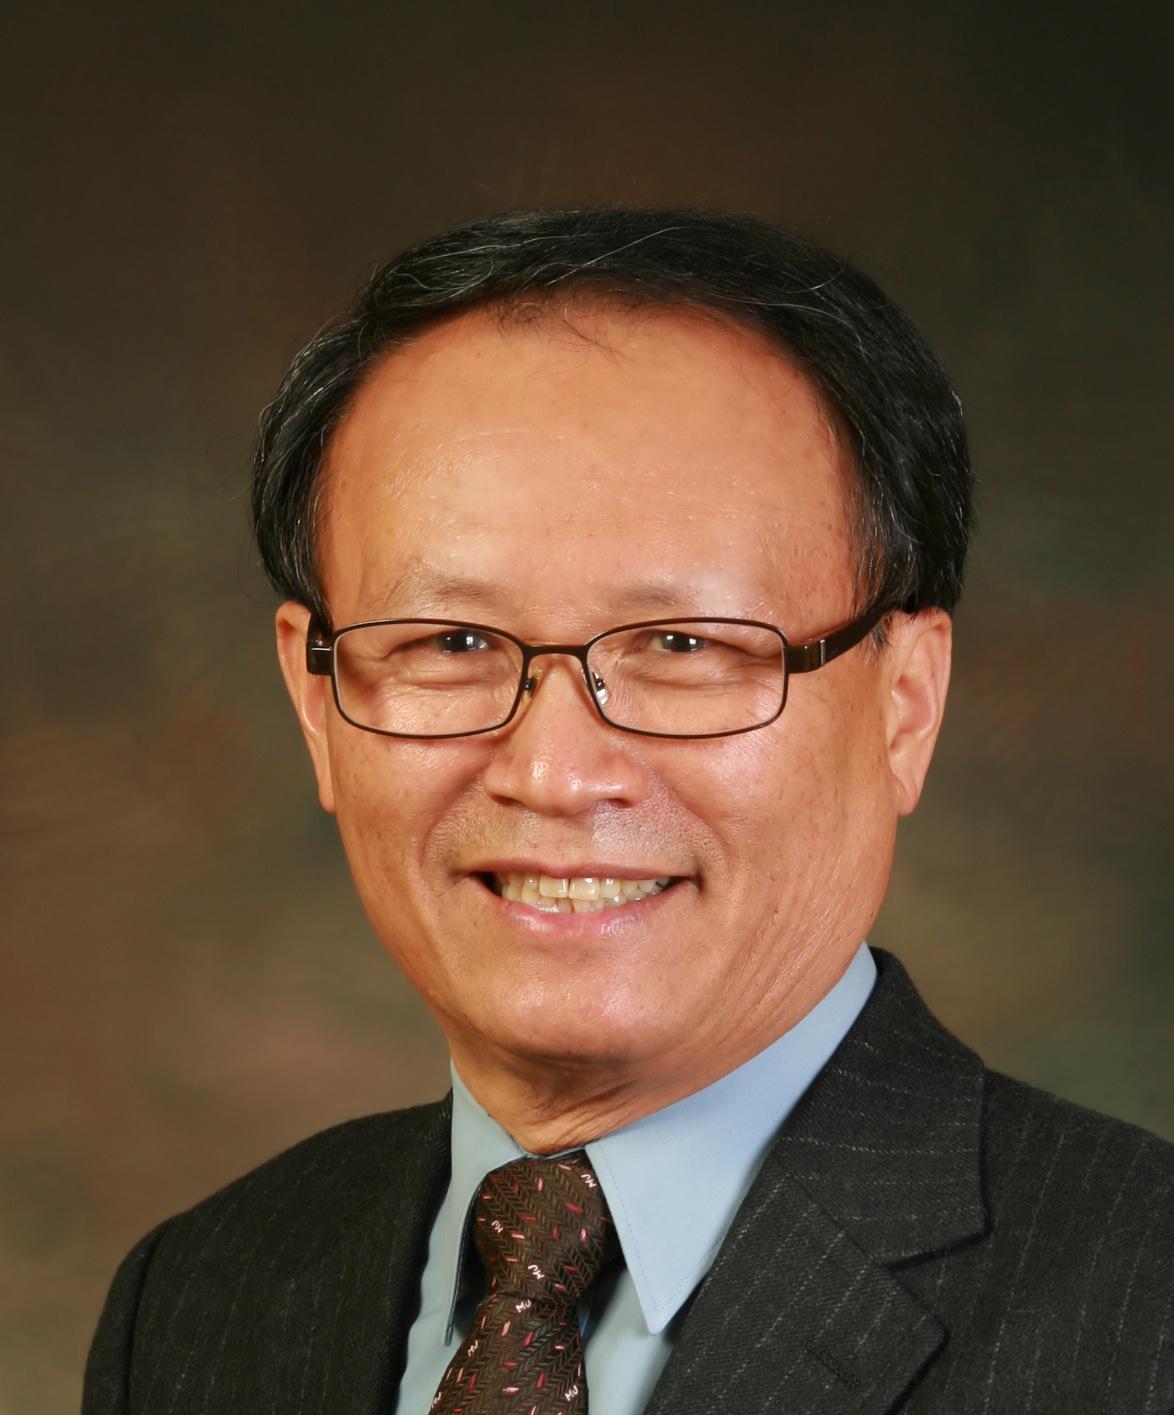 Dr. Timothy K. Park